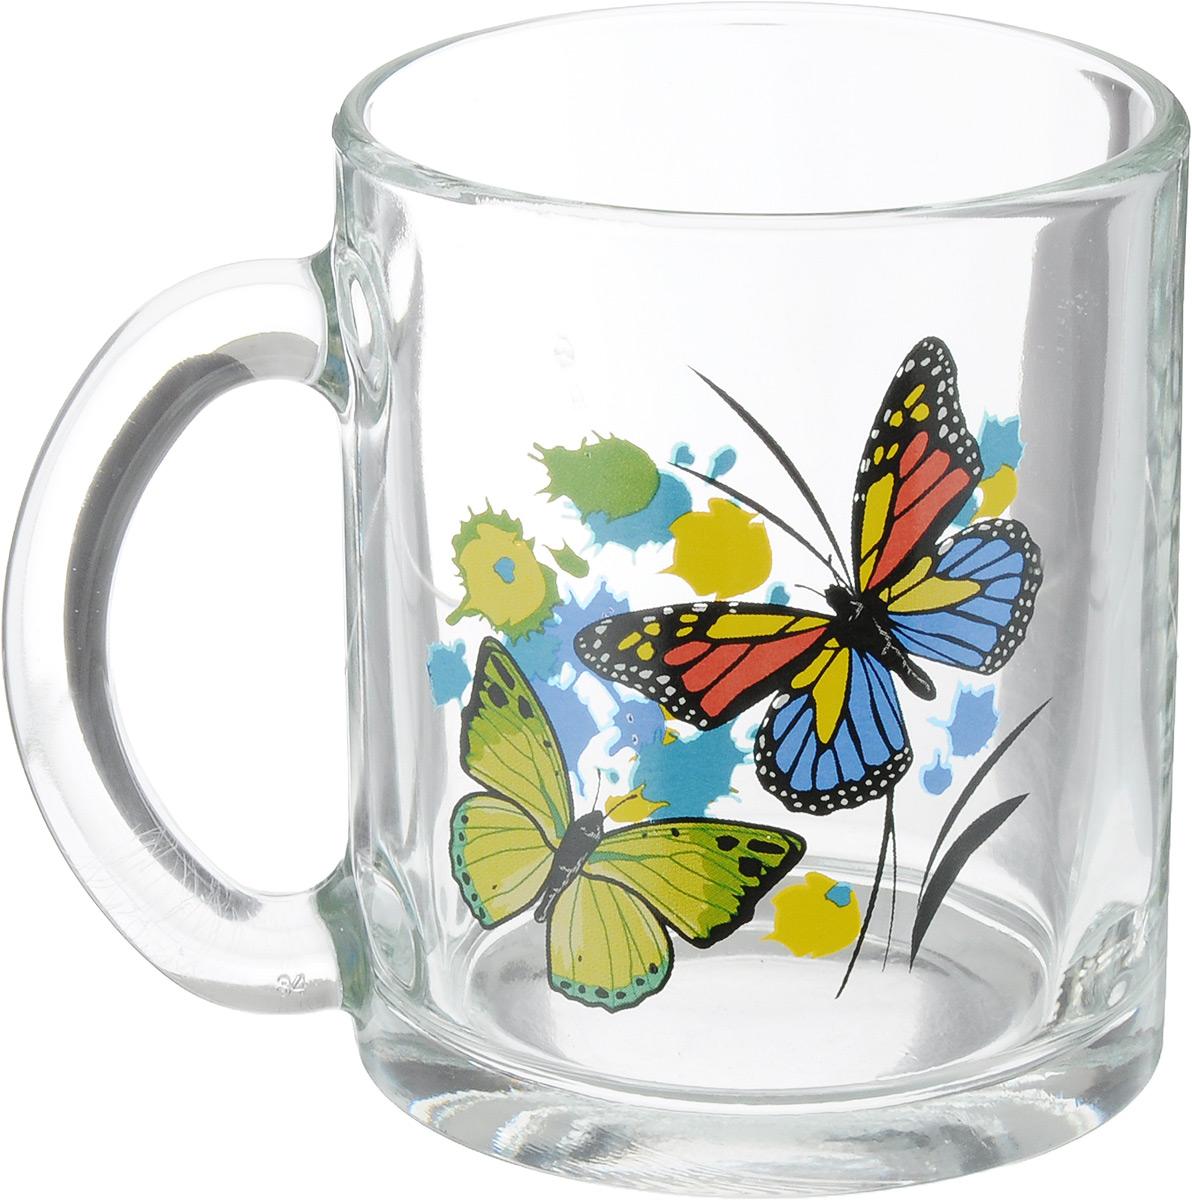 Кружка OSZ Чайная. Танец бабочек, 320 мл115510Кружка OSZ Чайная. Танец бабочек изготовлена из прозрачного стекла и украшена красивым рисунком. Изделие идеально подходит для сервировки стола.Кружка не только украсит ваш кухонный стол, но и подчеркнет прекрасный вкус хозяйки. Диаметр кружки (по верхнему краю): 8 см. Высота кружки: 9,5 см. Объем кружки: 320 мл.